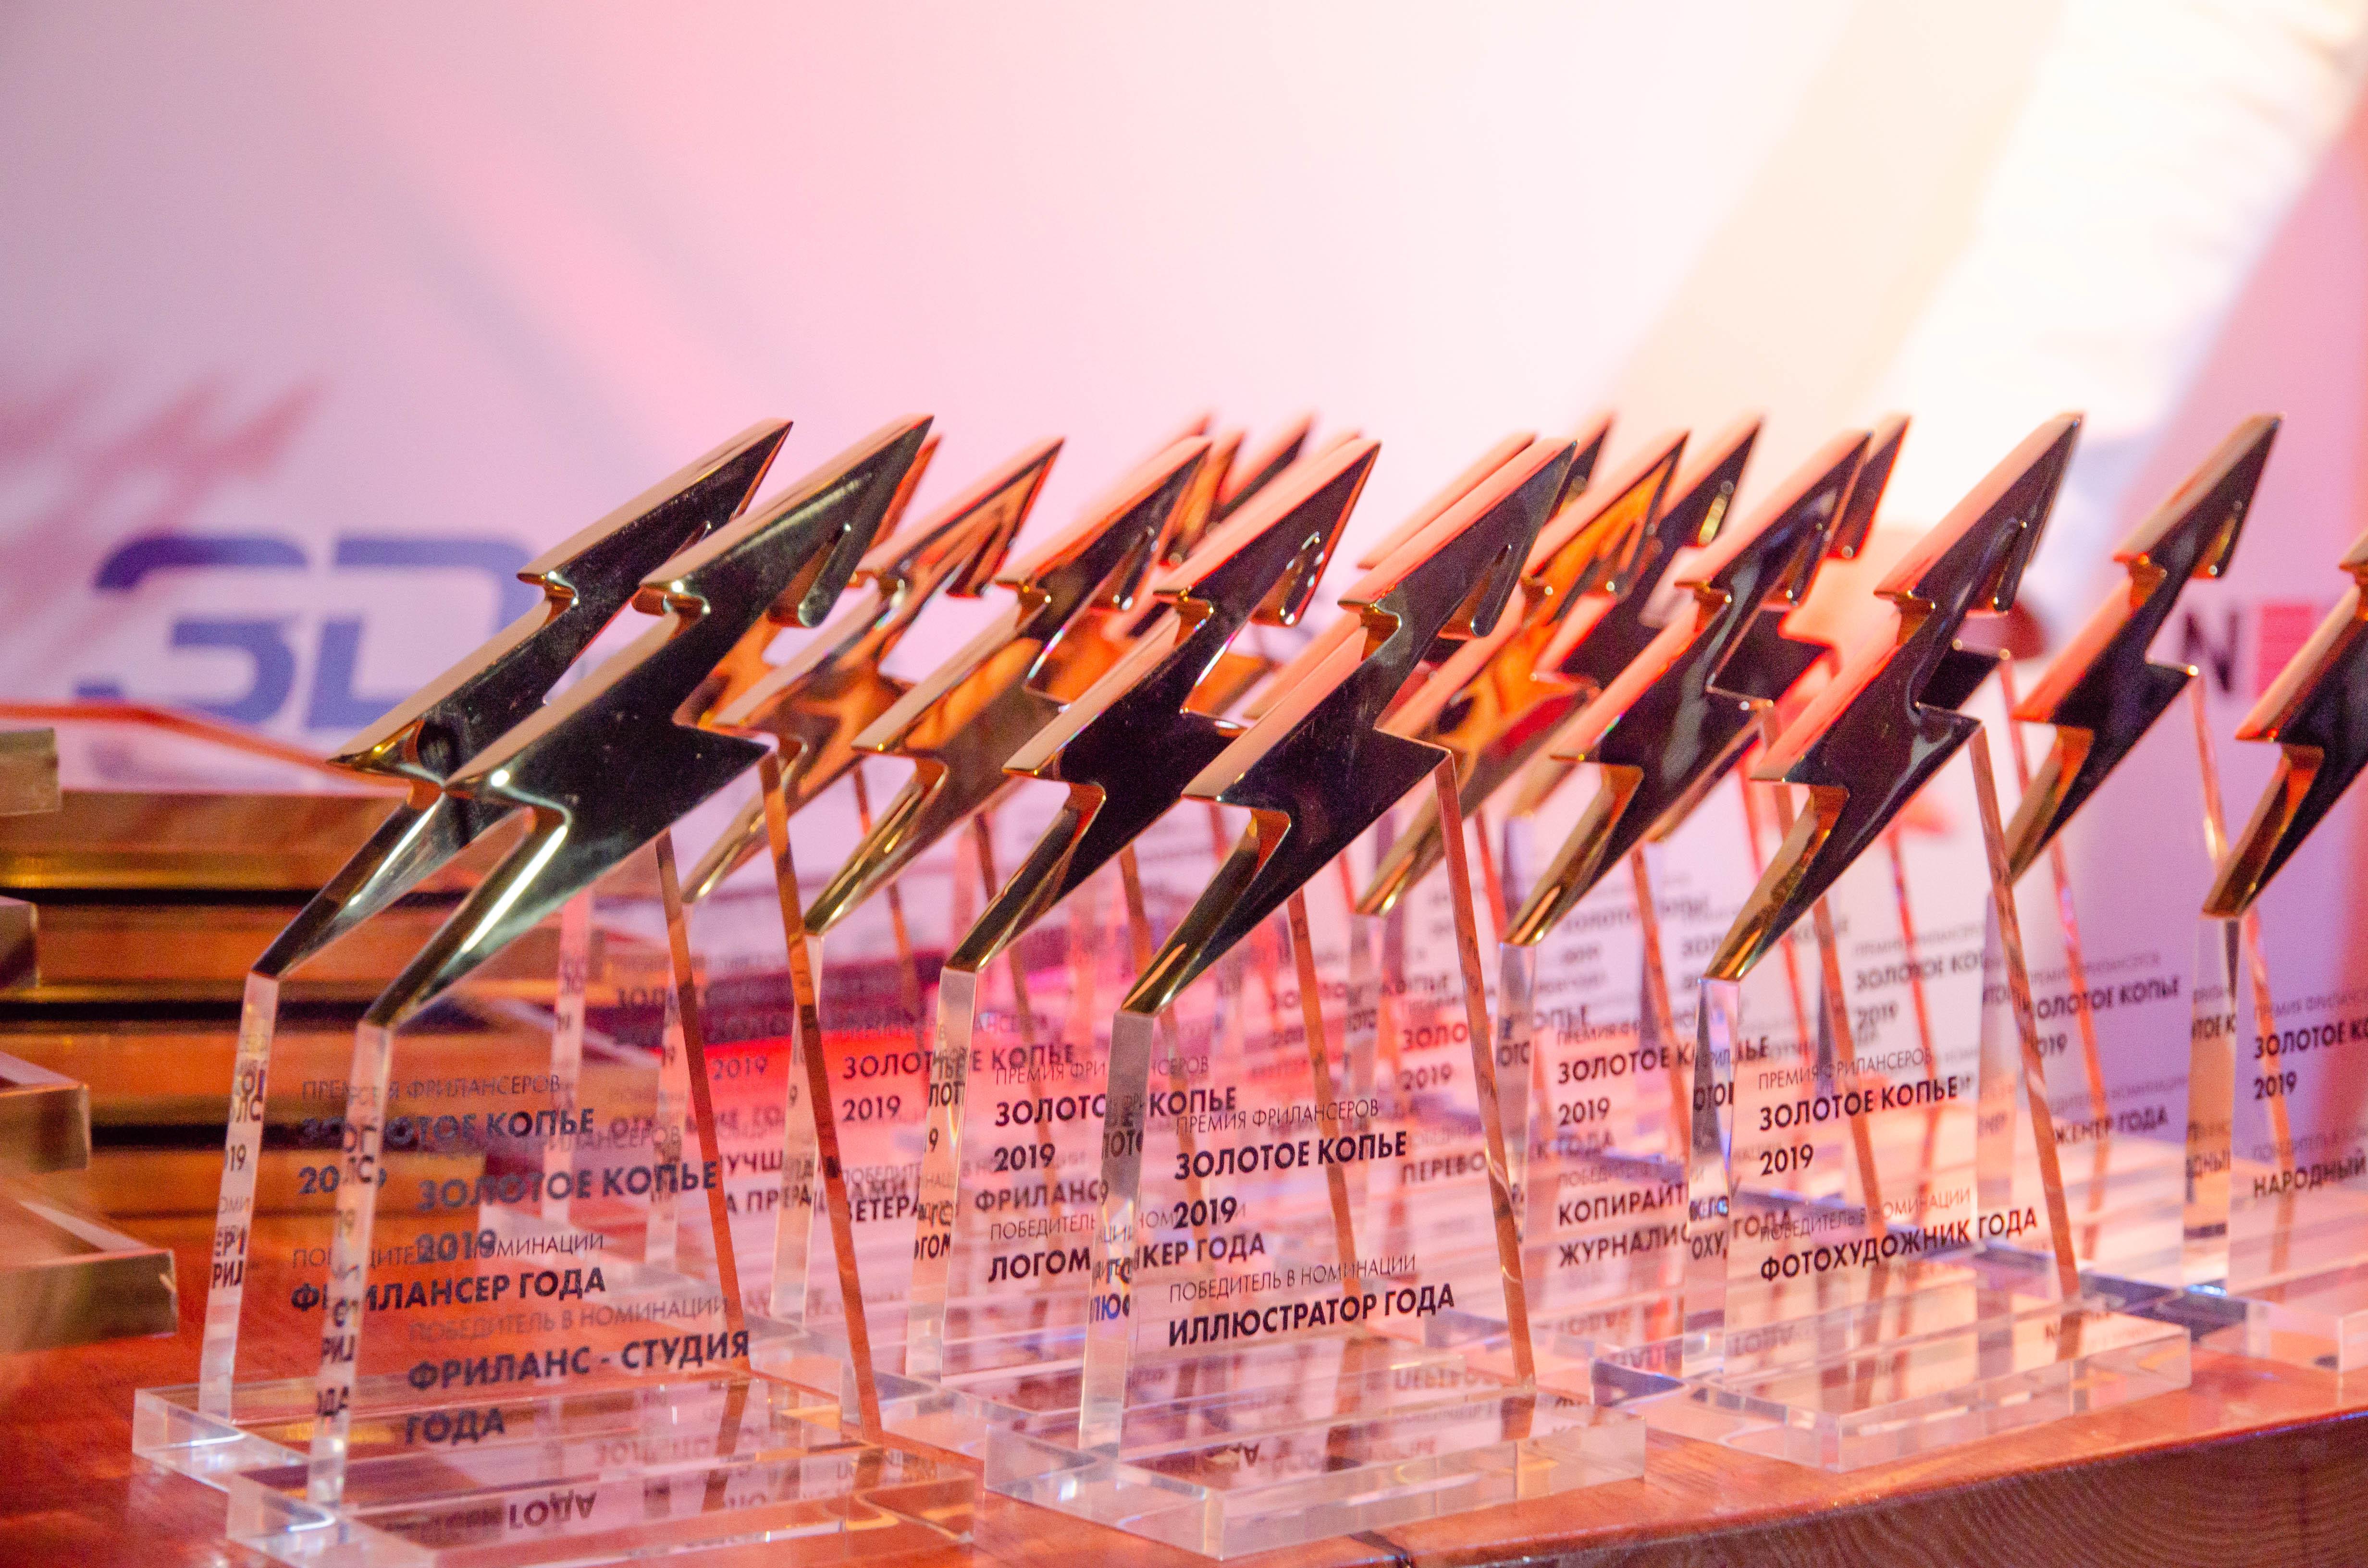 Вторая Премия фрилансеров «Золотое копьё» - Итоги